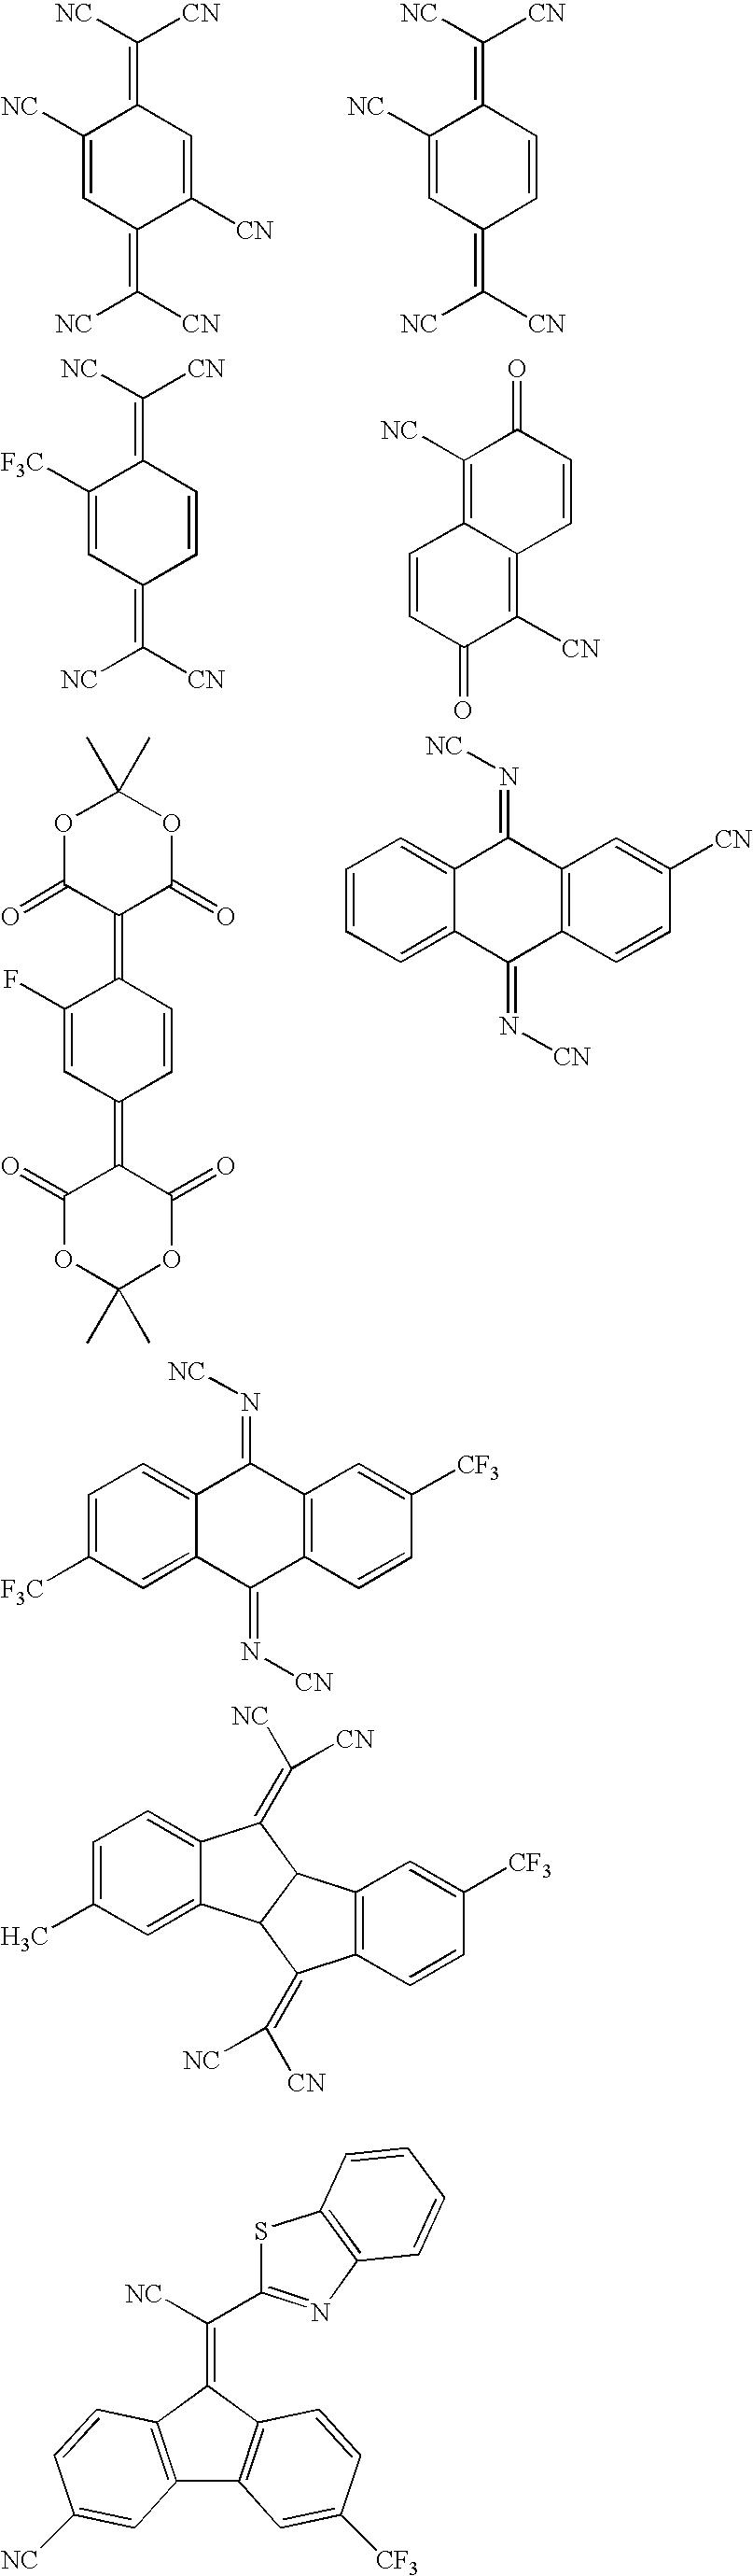 Figure US20080049413A1-20080228-C00055